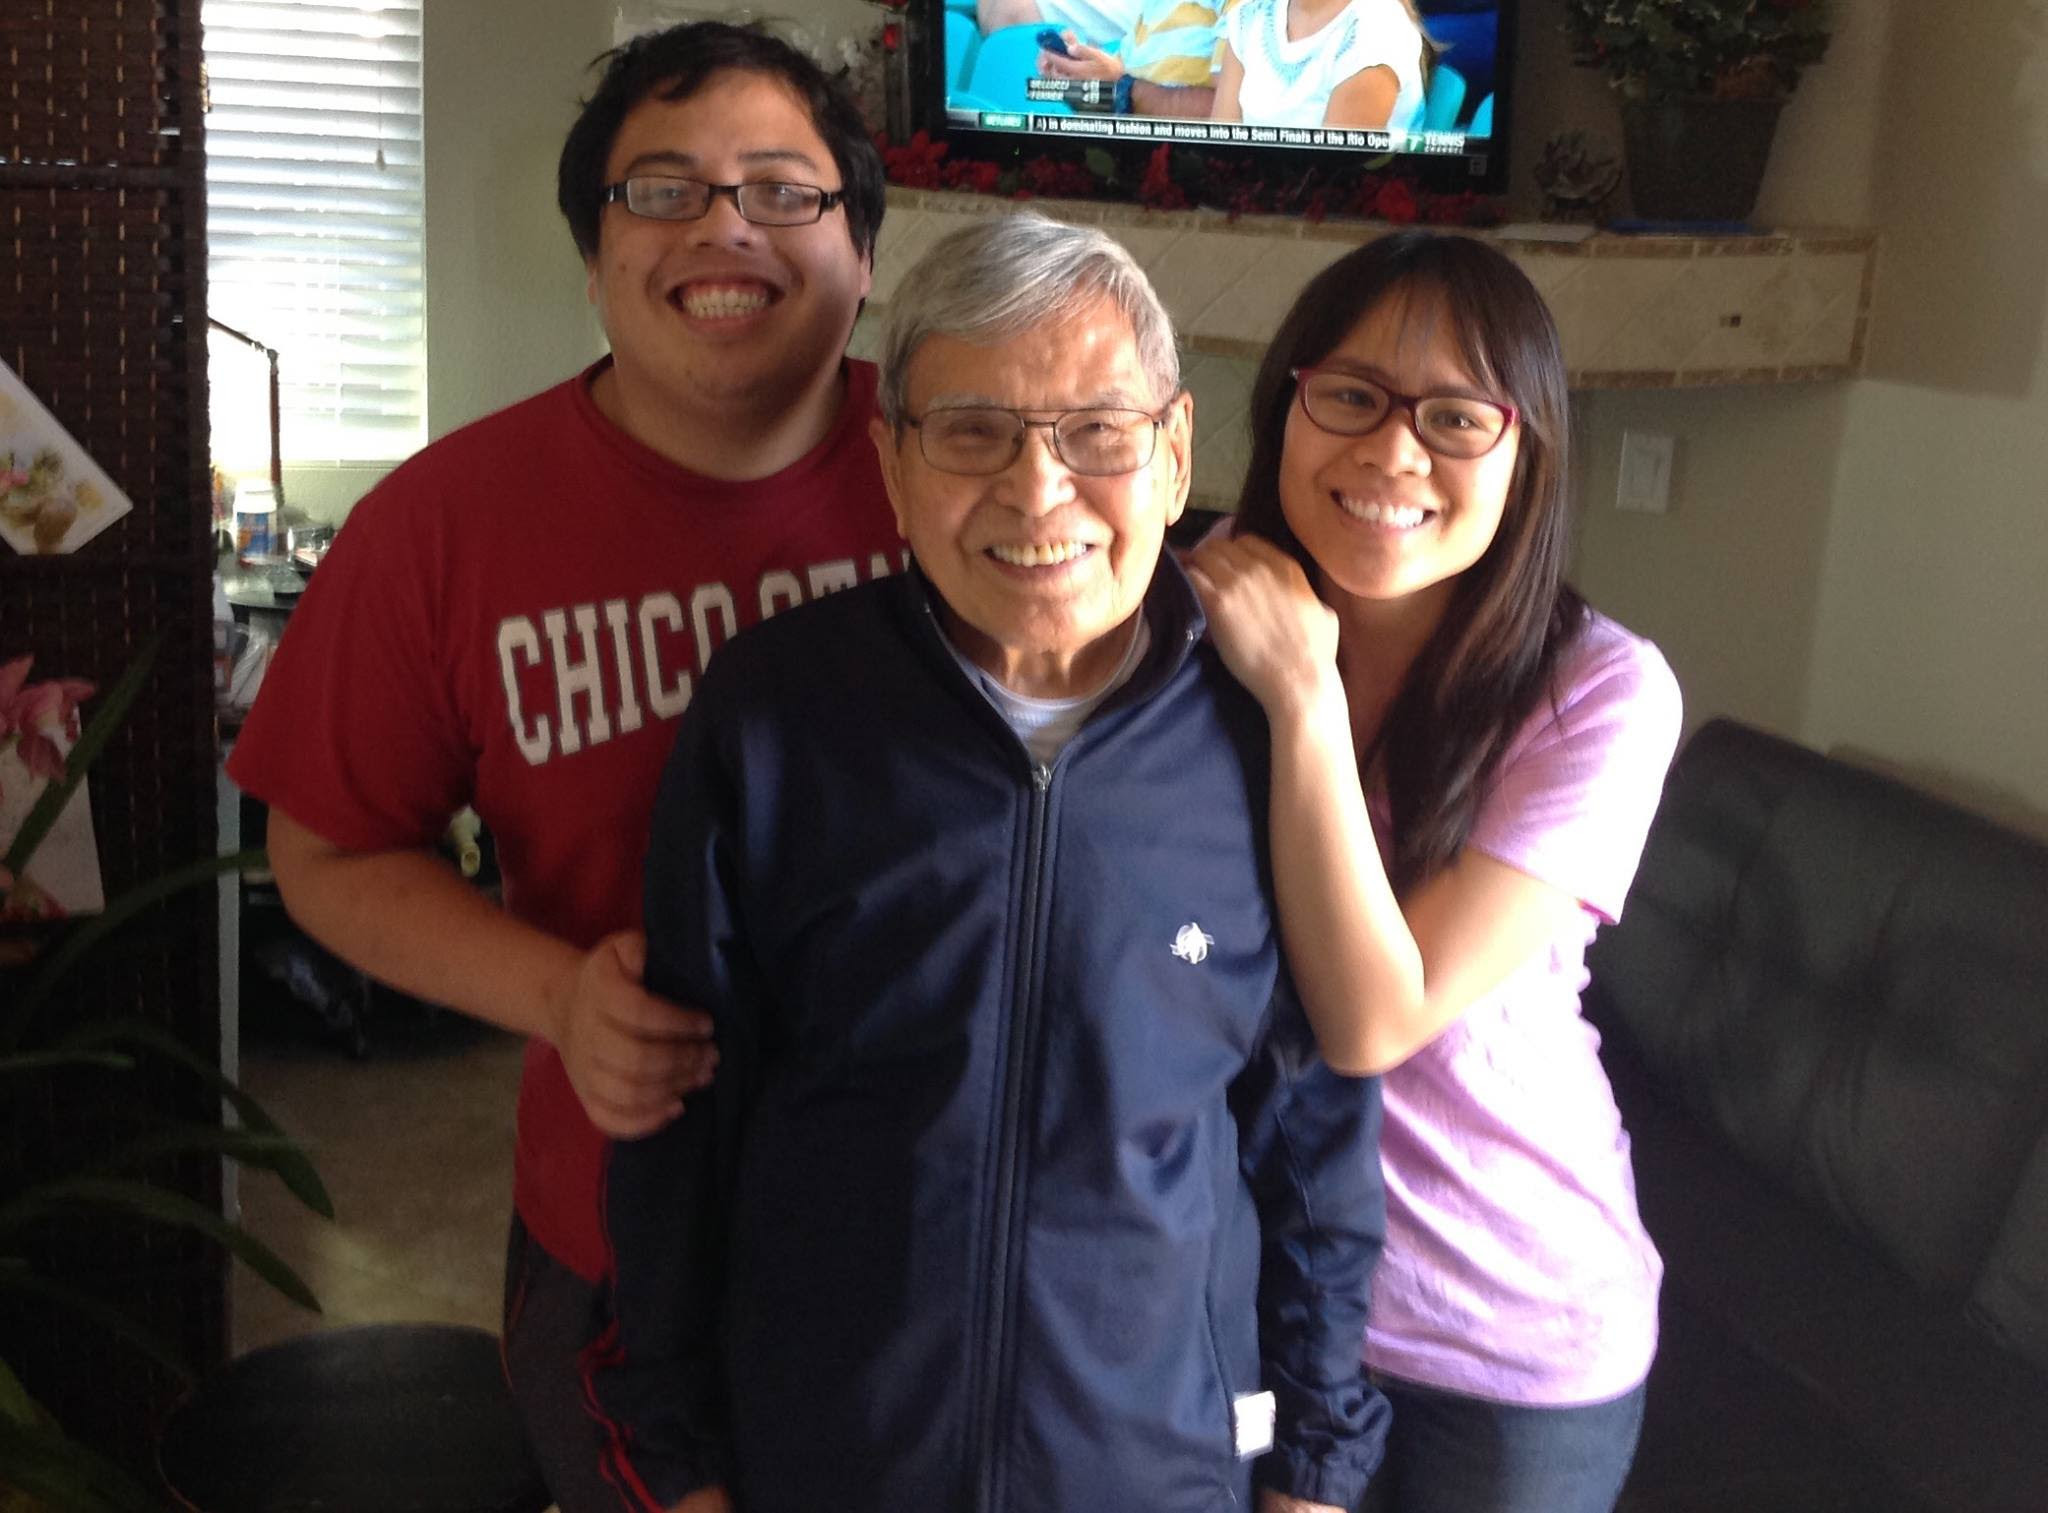 Ảnh trên: Producer John Bạch , bên cạnh nhạc sĩ Anh Bằng và producer Đăng Minh (phải) Ảnh dưới: Billboard do họa sĩ Đỗ Cung thiết kếđầy nghệ thuật cho mỗi show diễn trực tiếp thu hình…